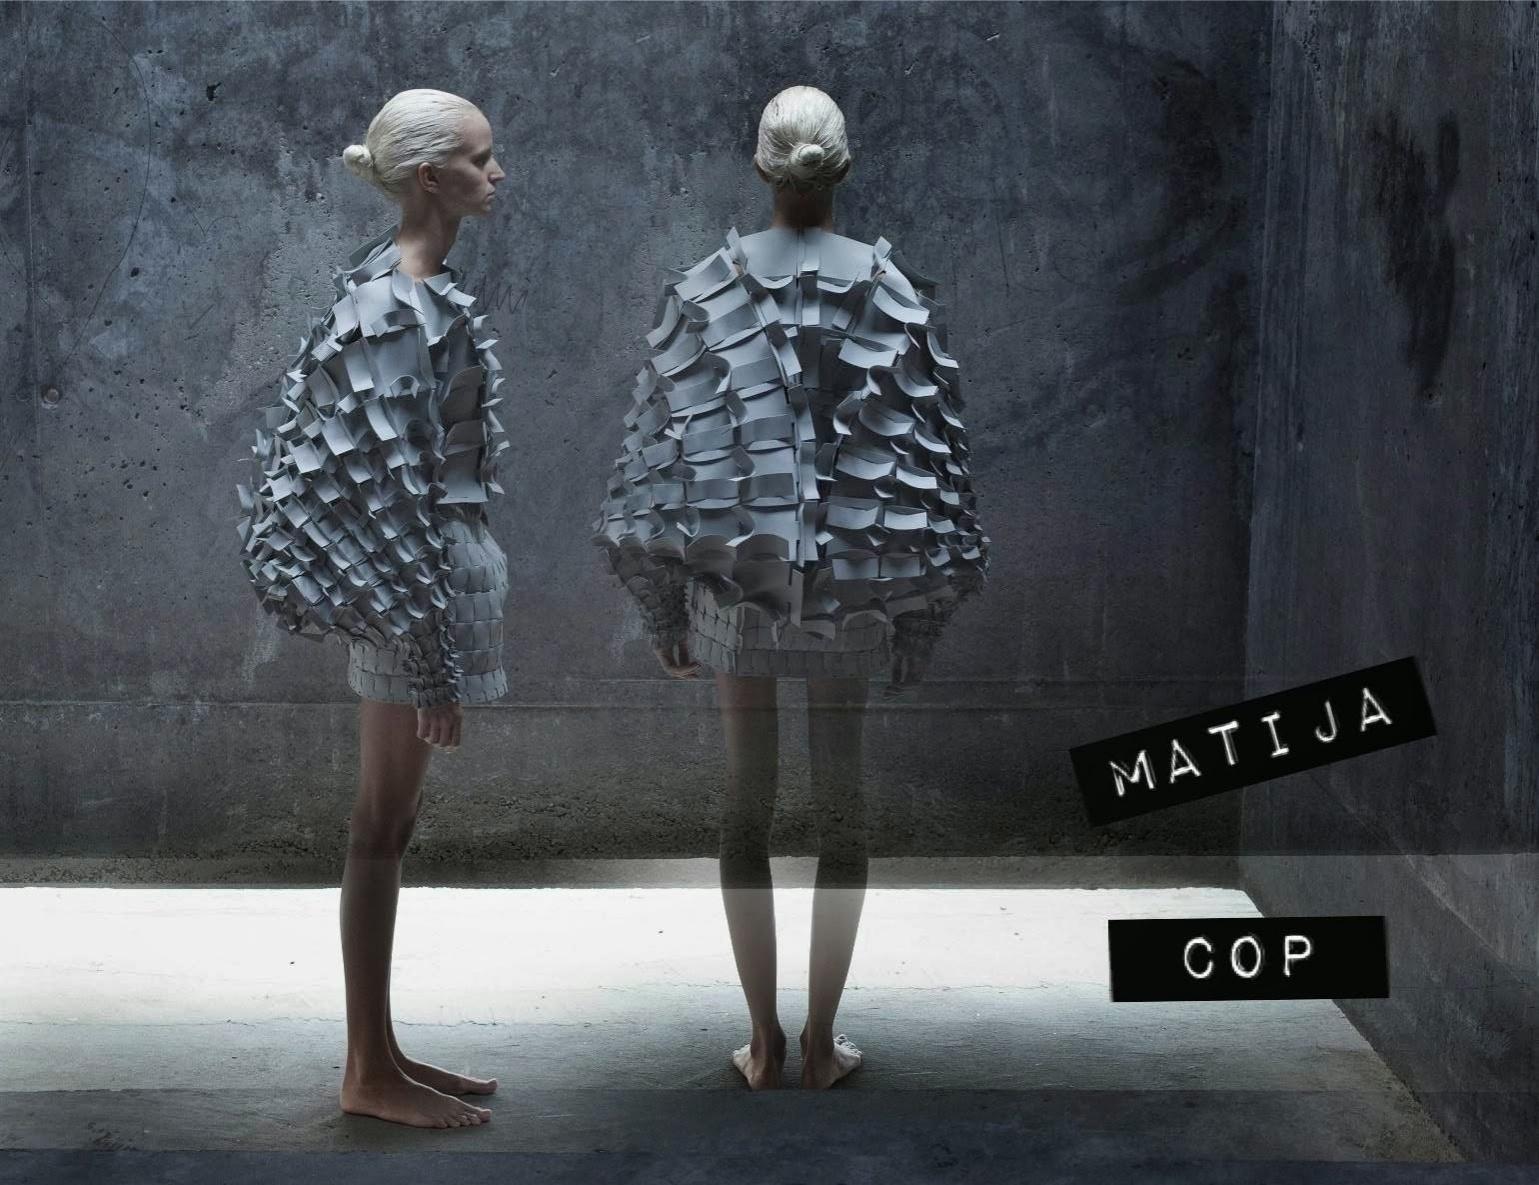 matija_cop_ss_2014-1